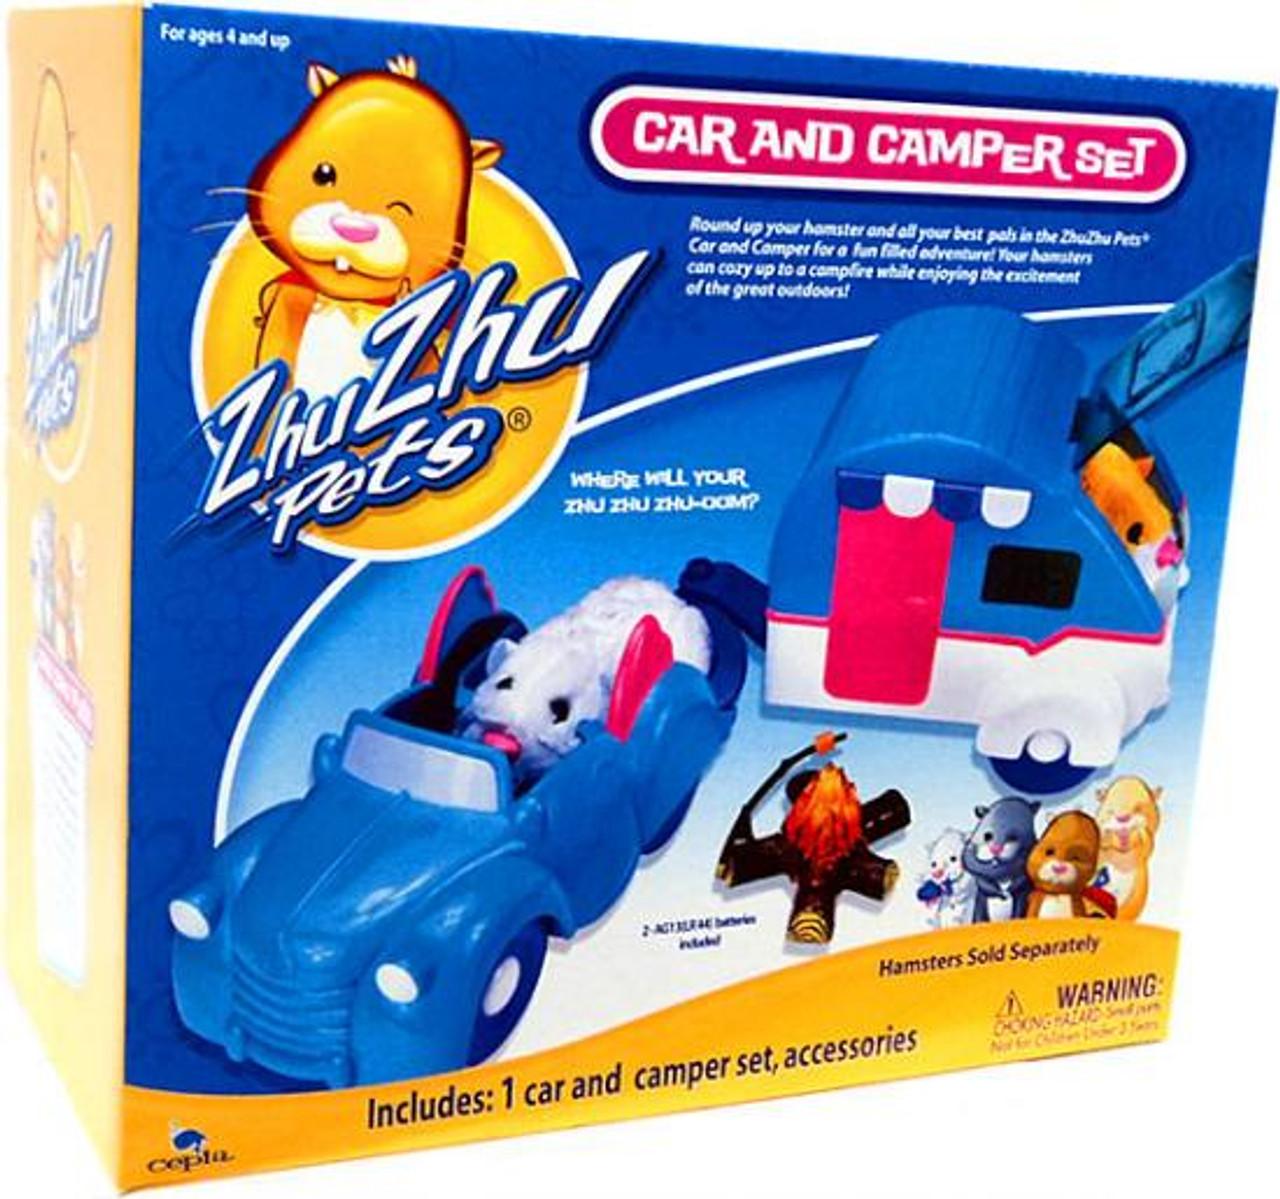 Zhu Zhu Pets Car & Camper Set Playset